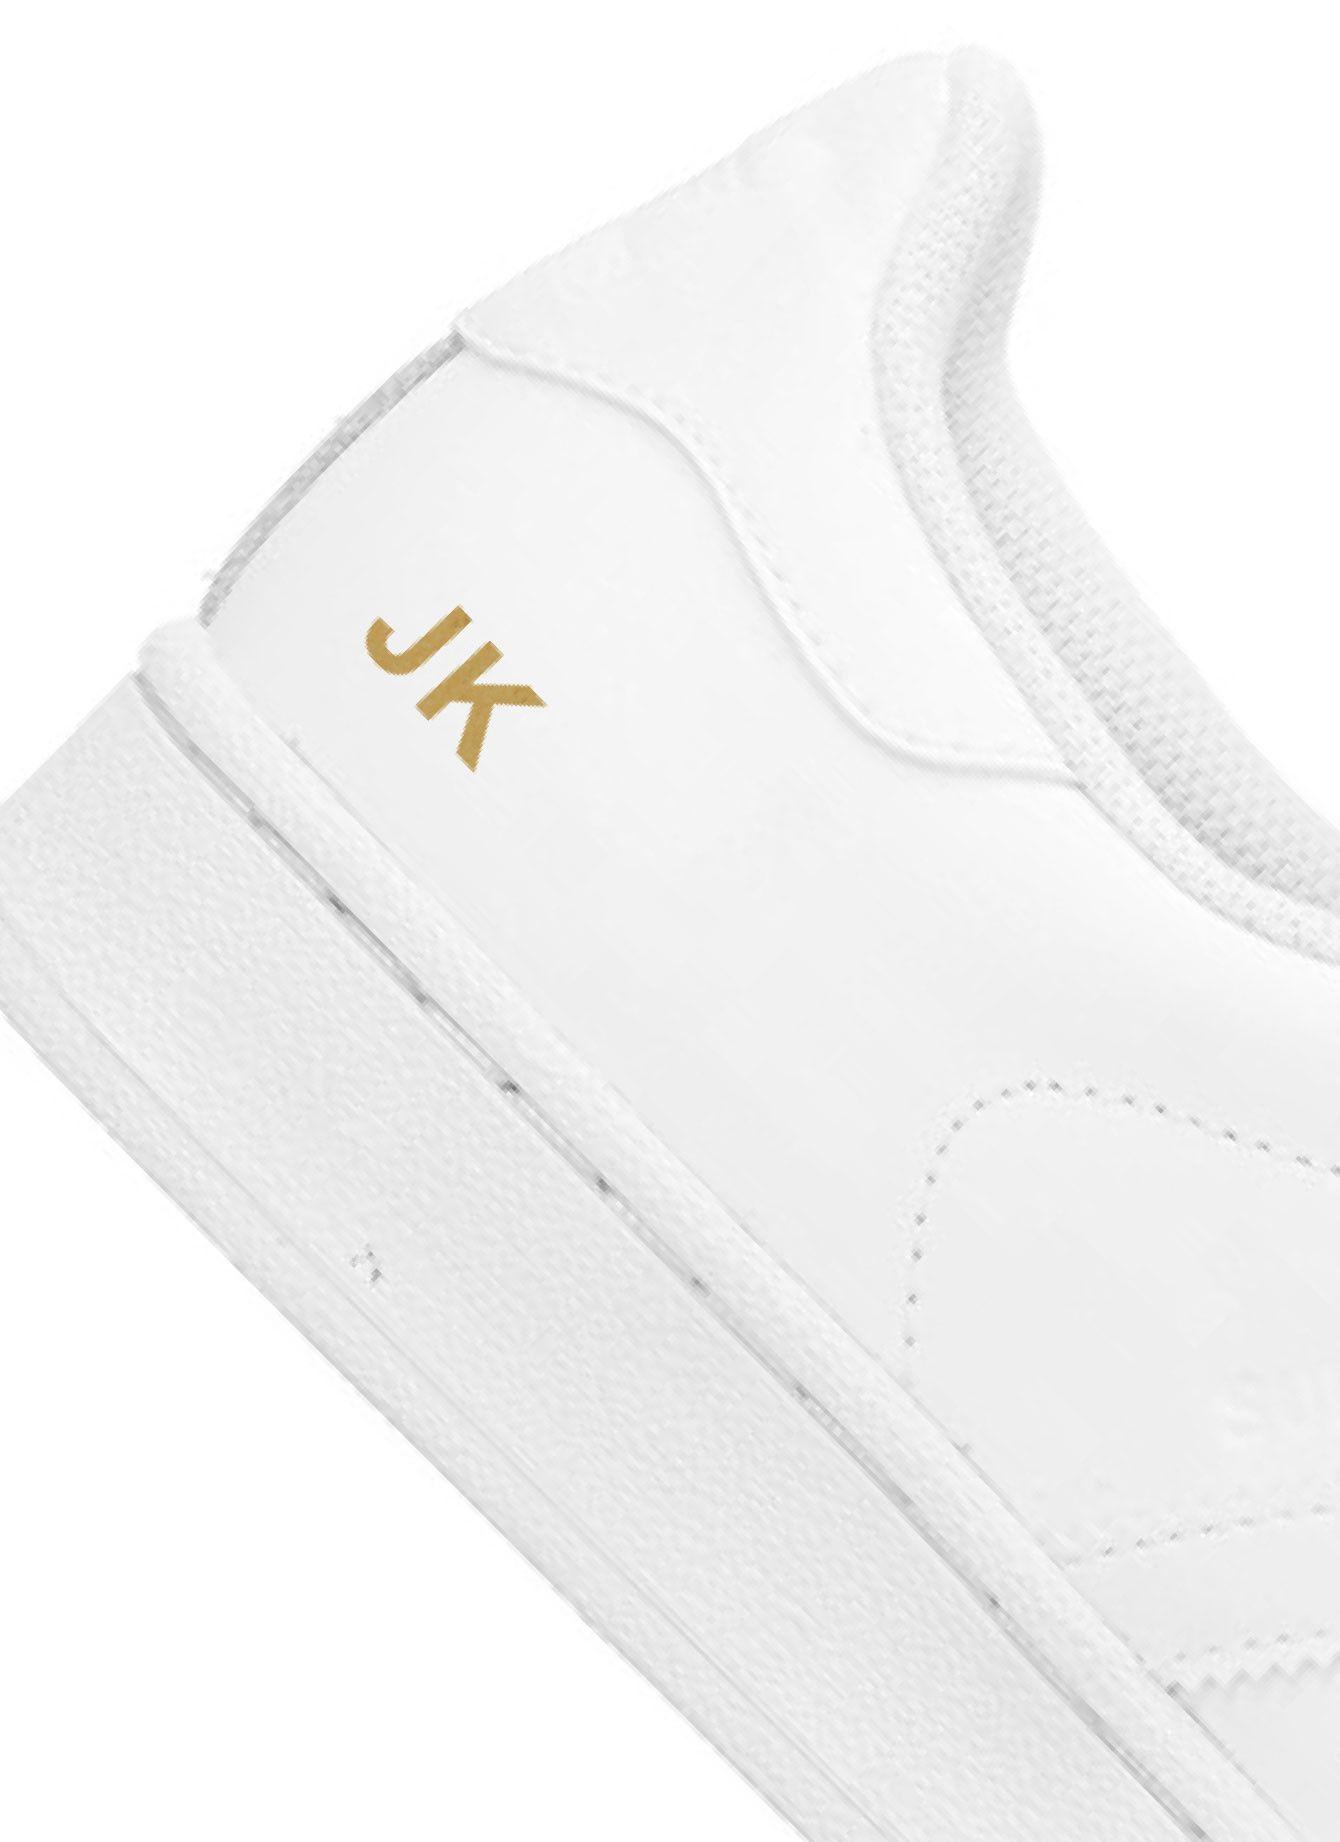 adidas originals gazelle foundation